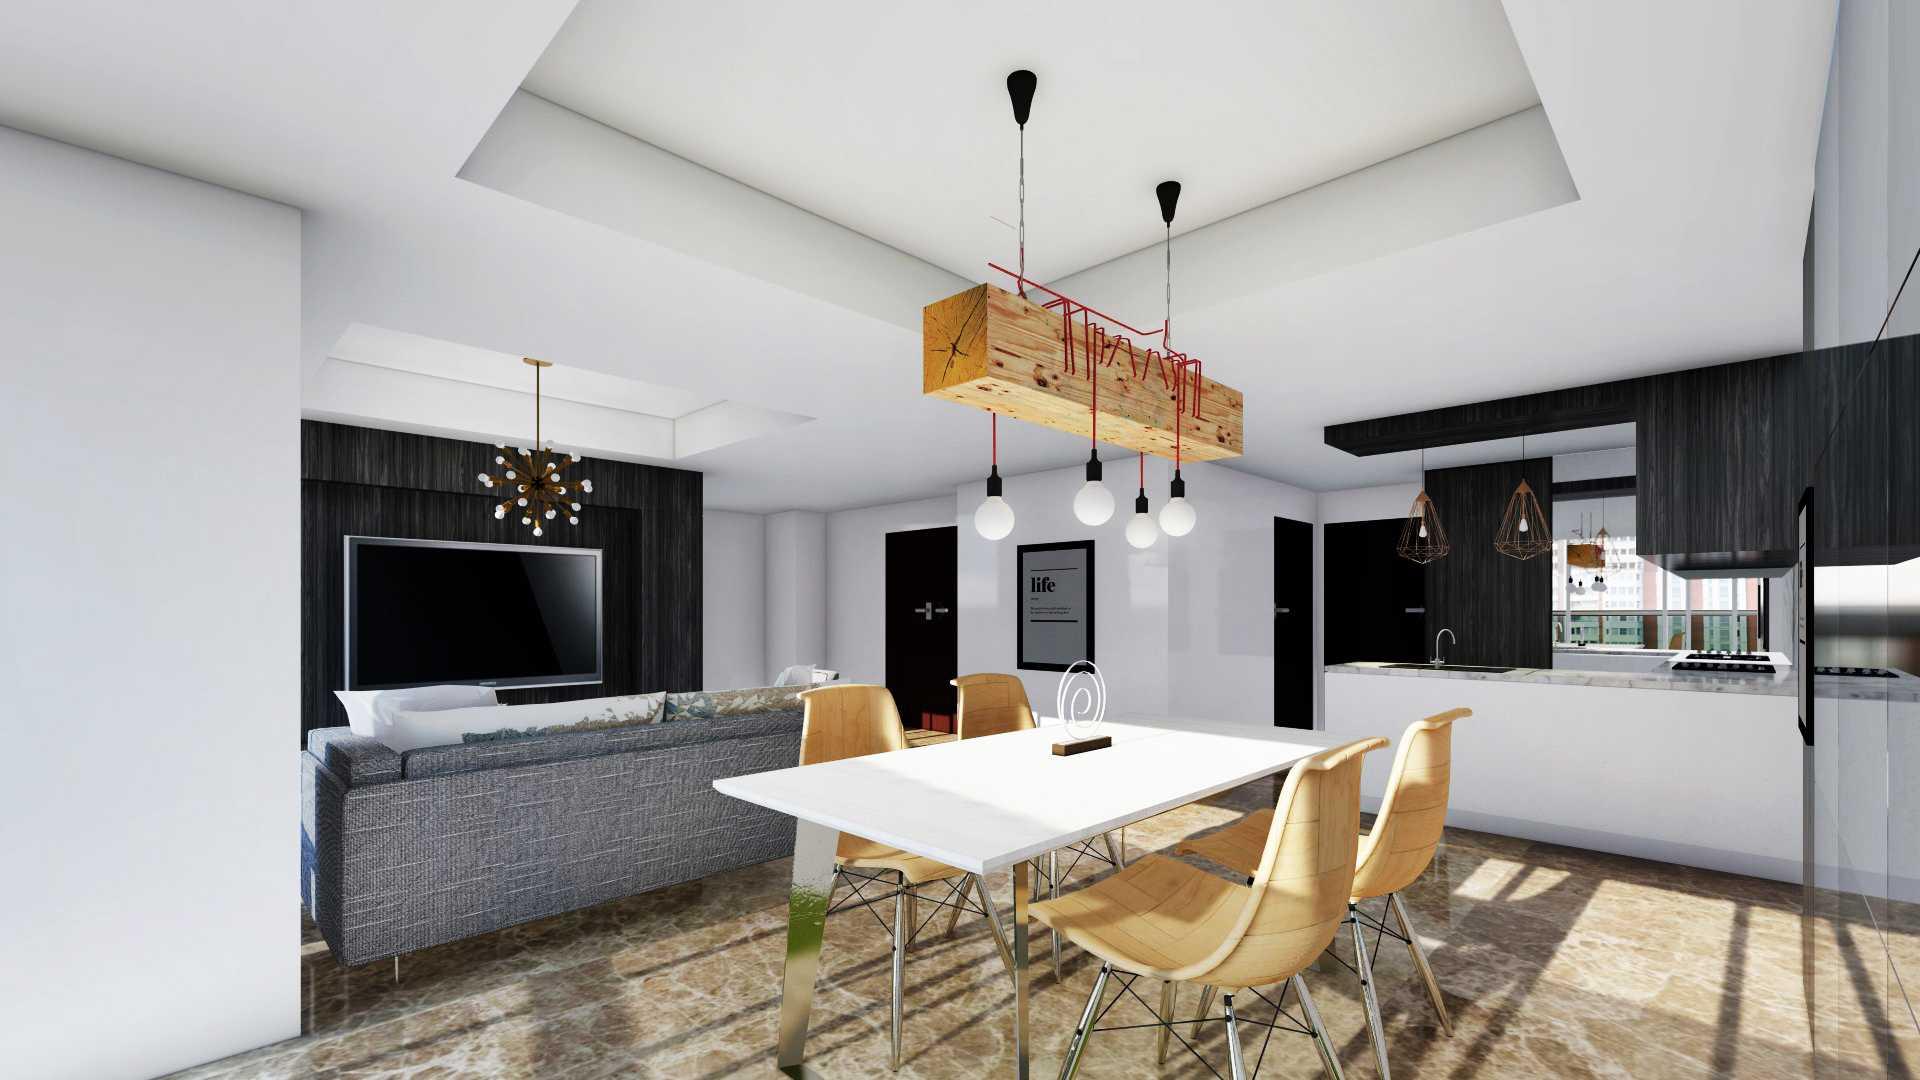 Foto inspirasi ide desain ruang makan industrial Rinto-katili-apartment-di-jakarta-utara oleh Rinto Katili di Arsitag